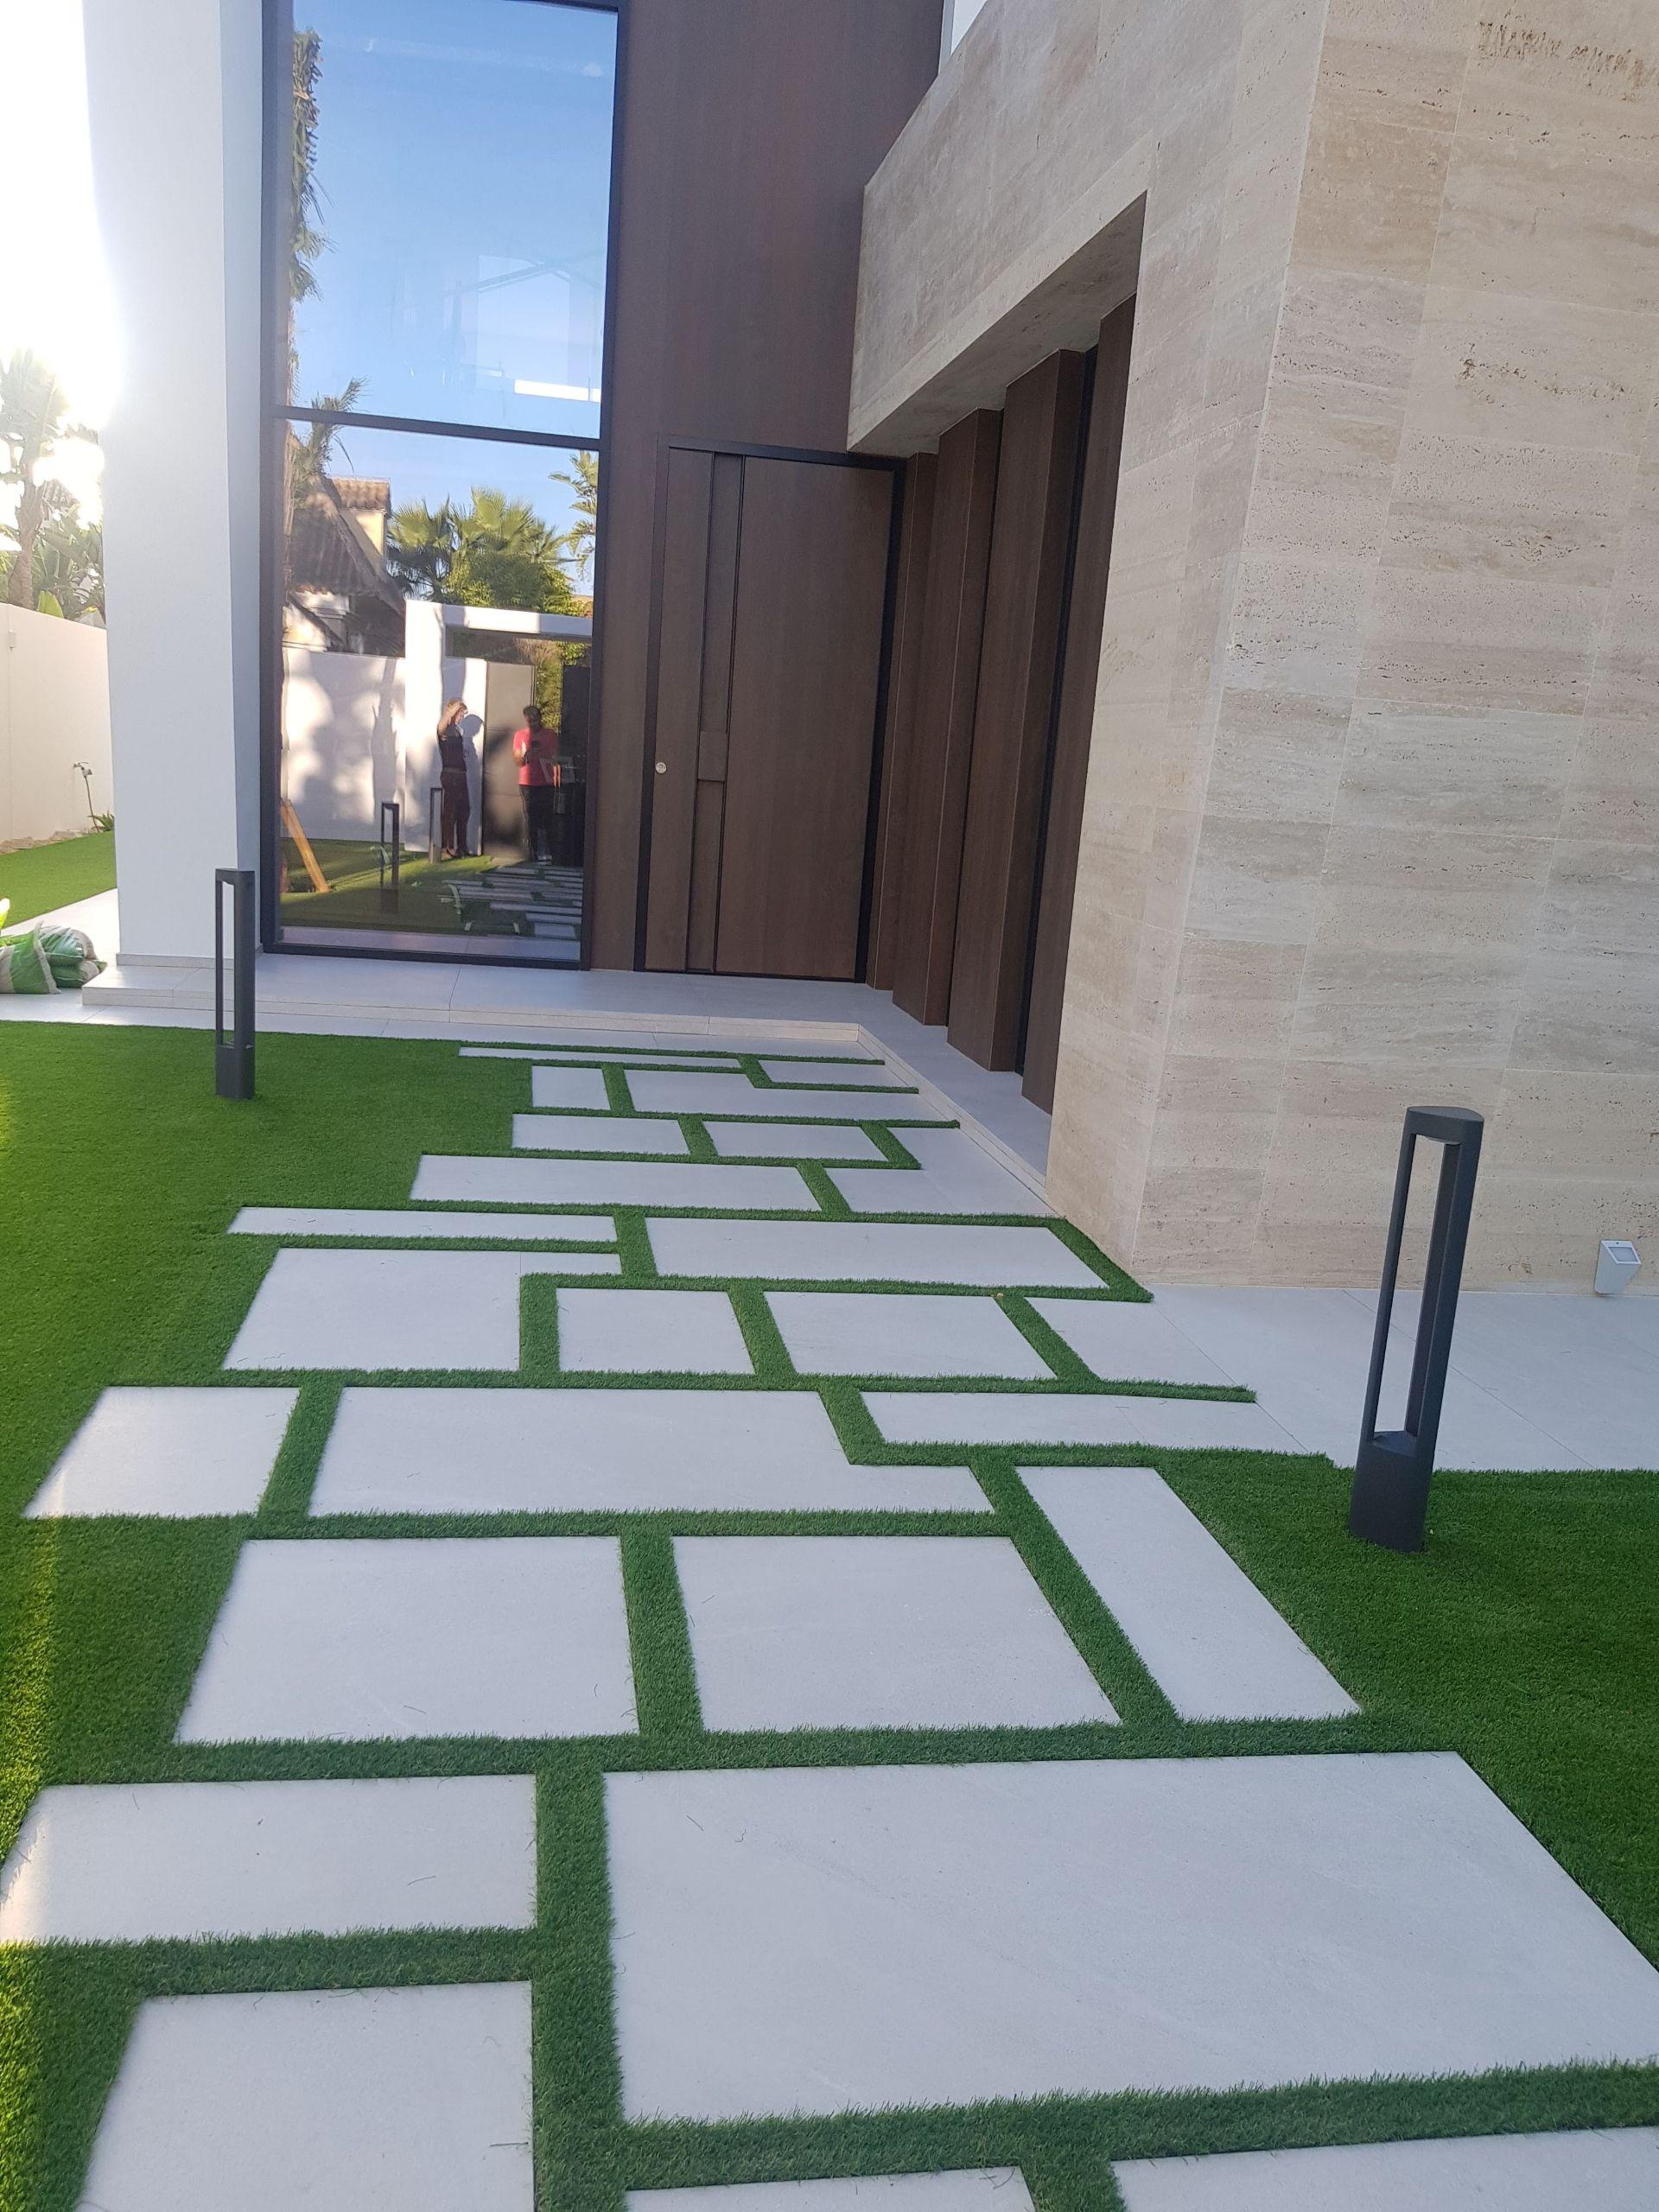 proyectos-interiorismo-interioristas-diseno-interiores-viviendas-particulares-casas-chalets-adosados-lujo-09